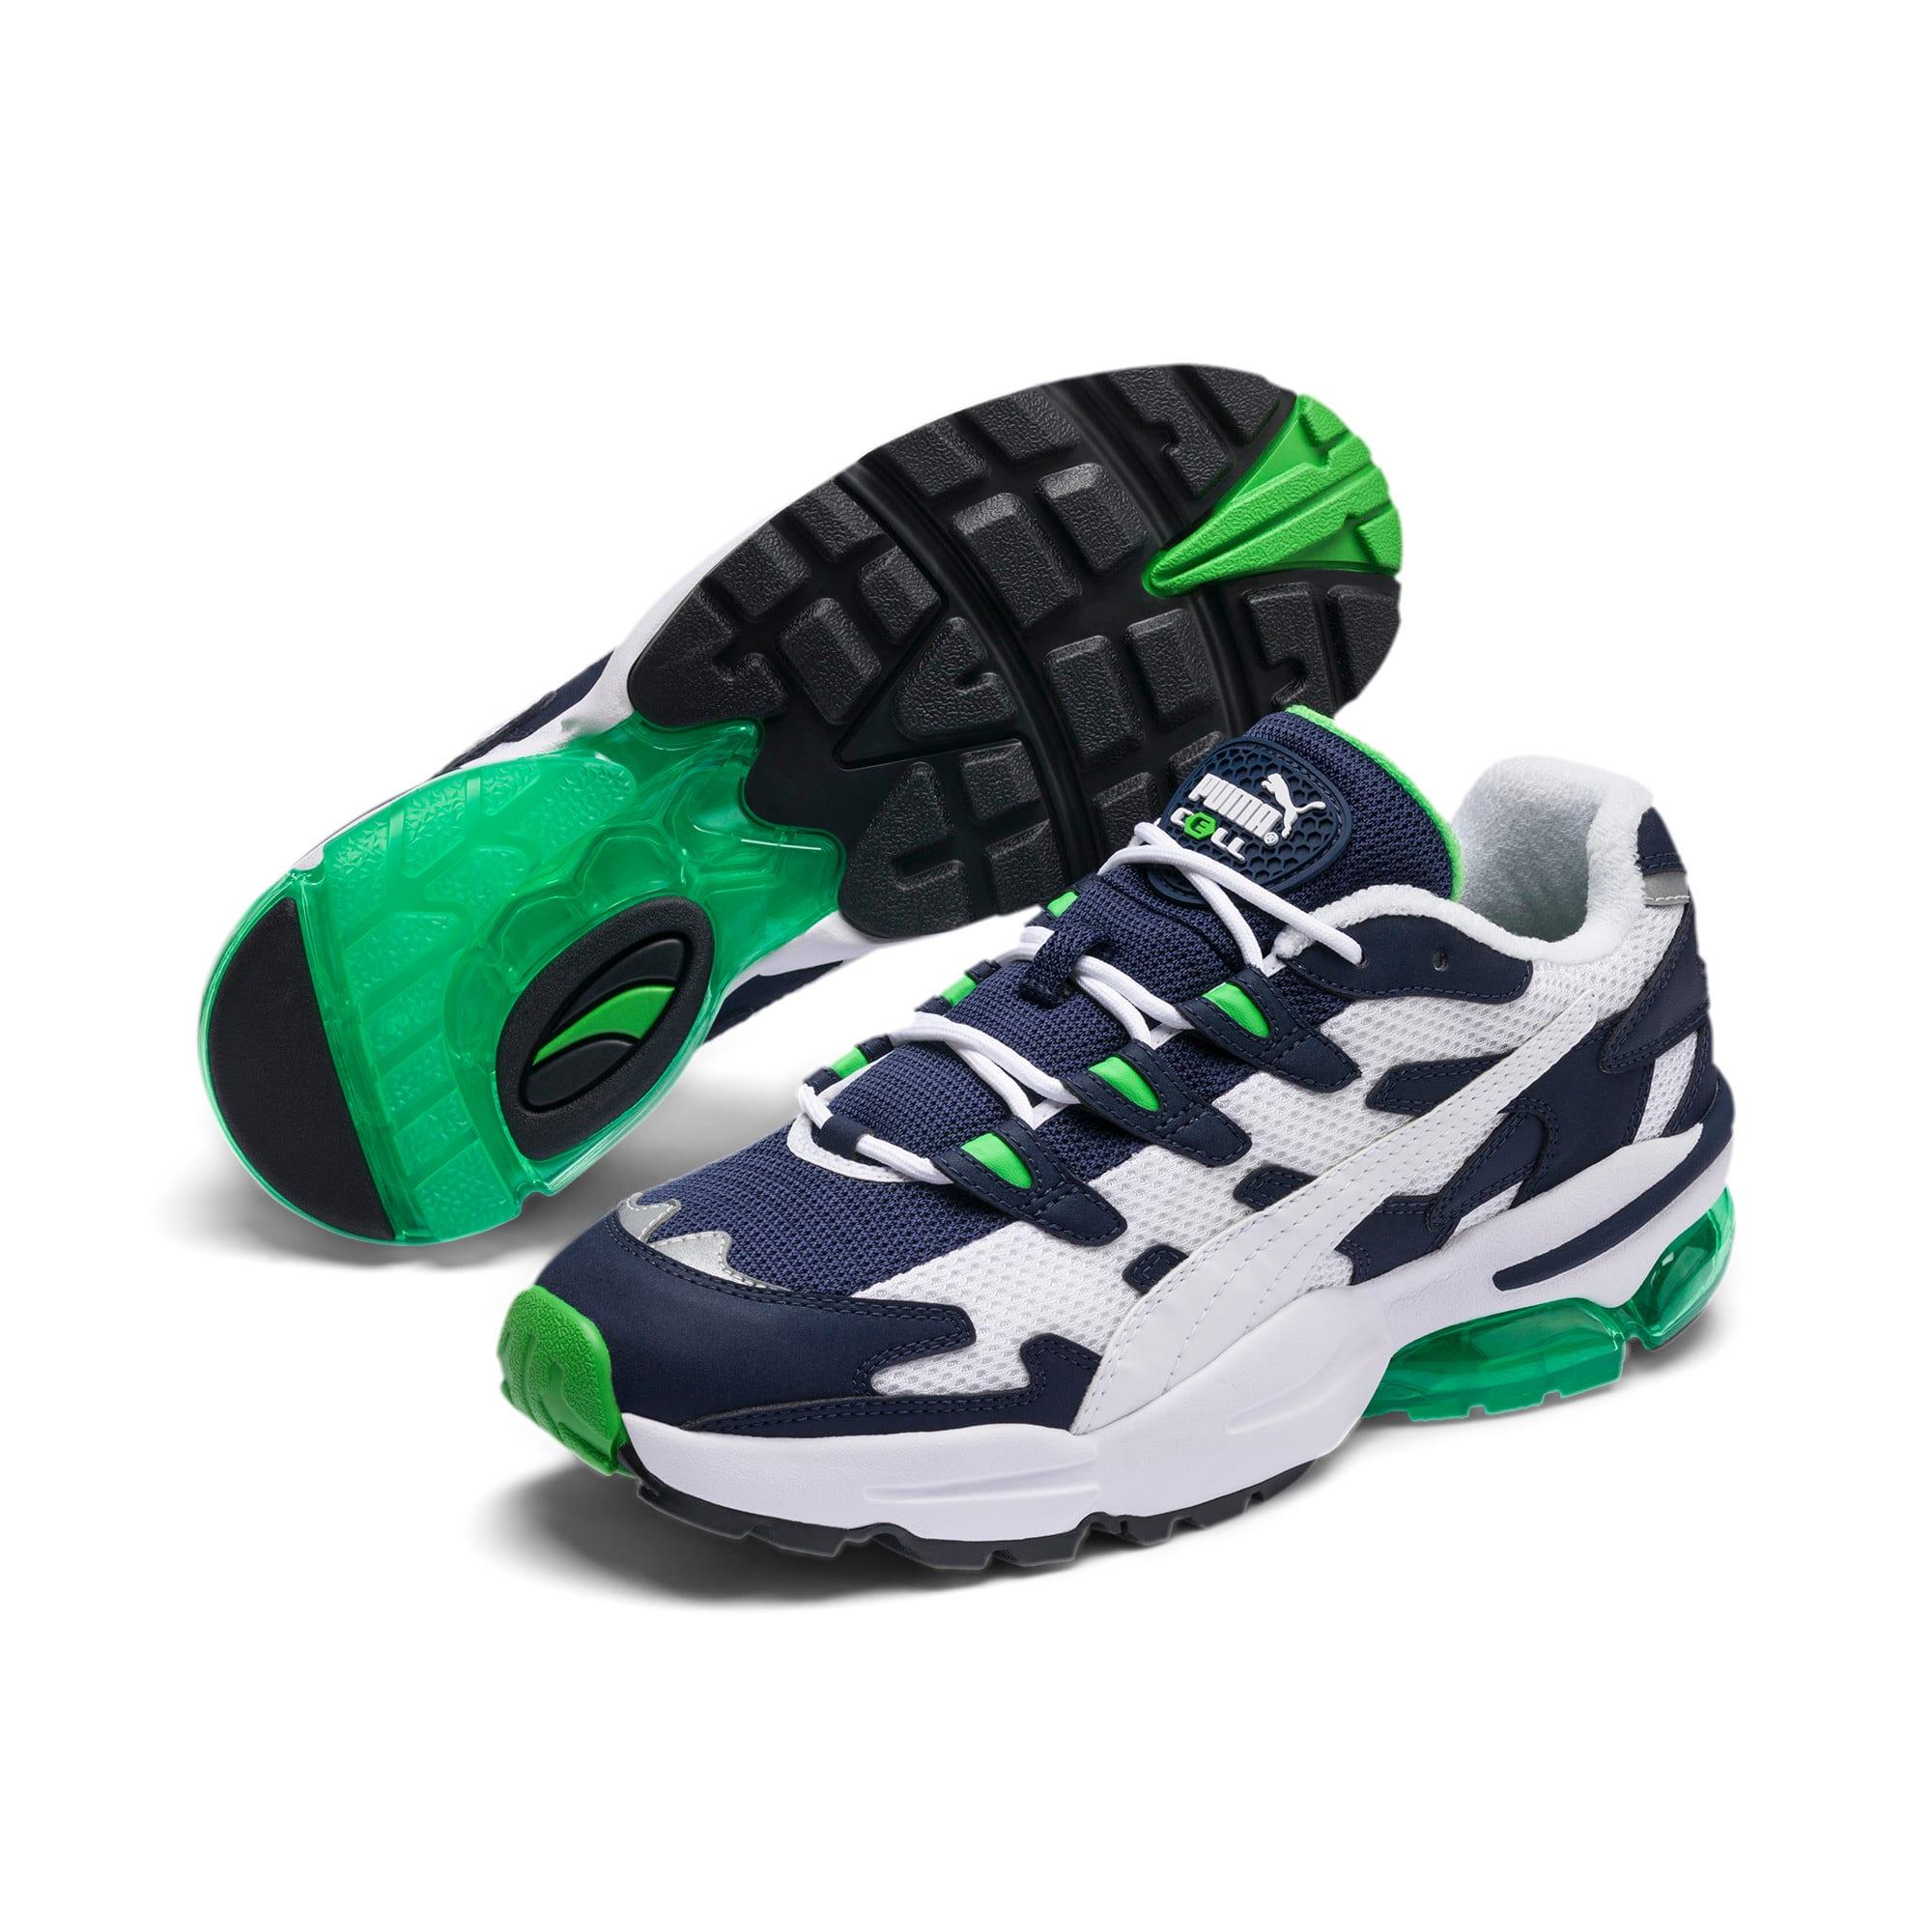 Thumbnail 3 of CELL Alien OG Sneakers, Peacoat-Classic Green, medium